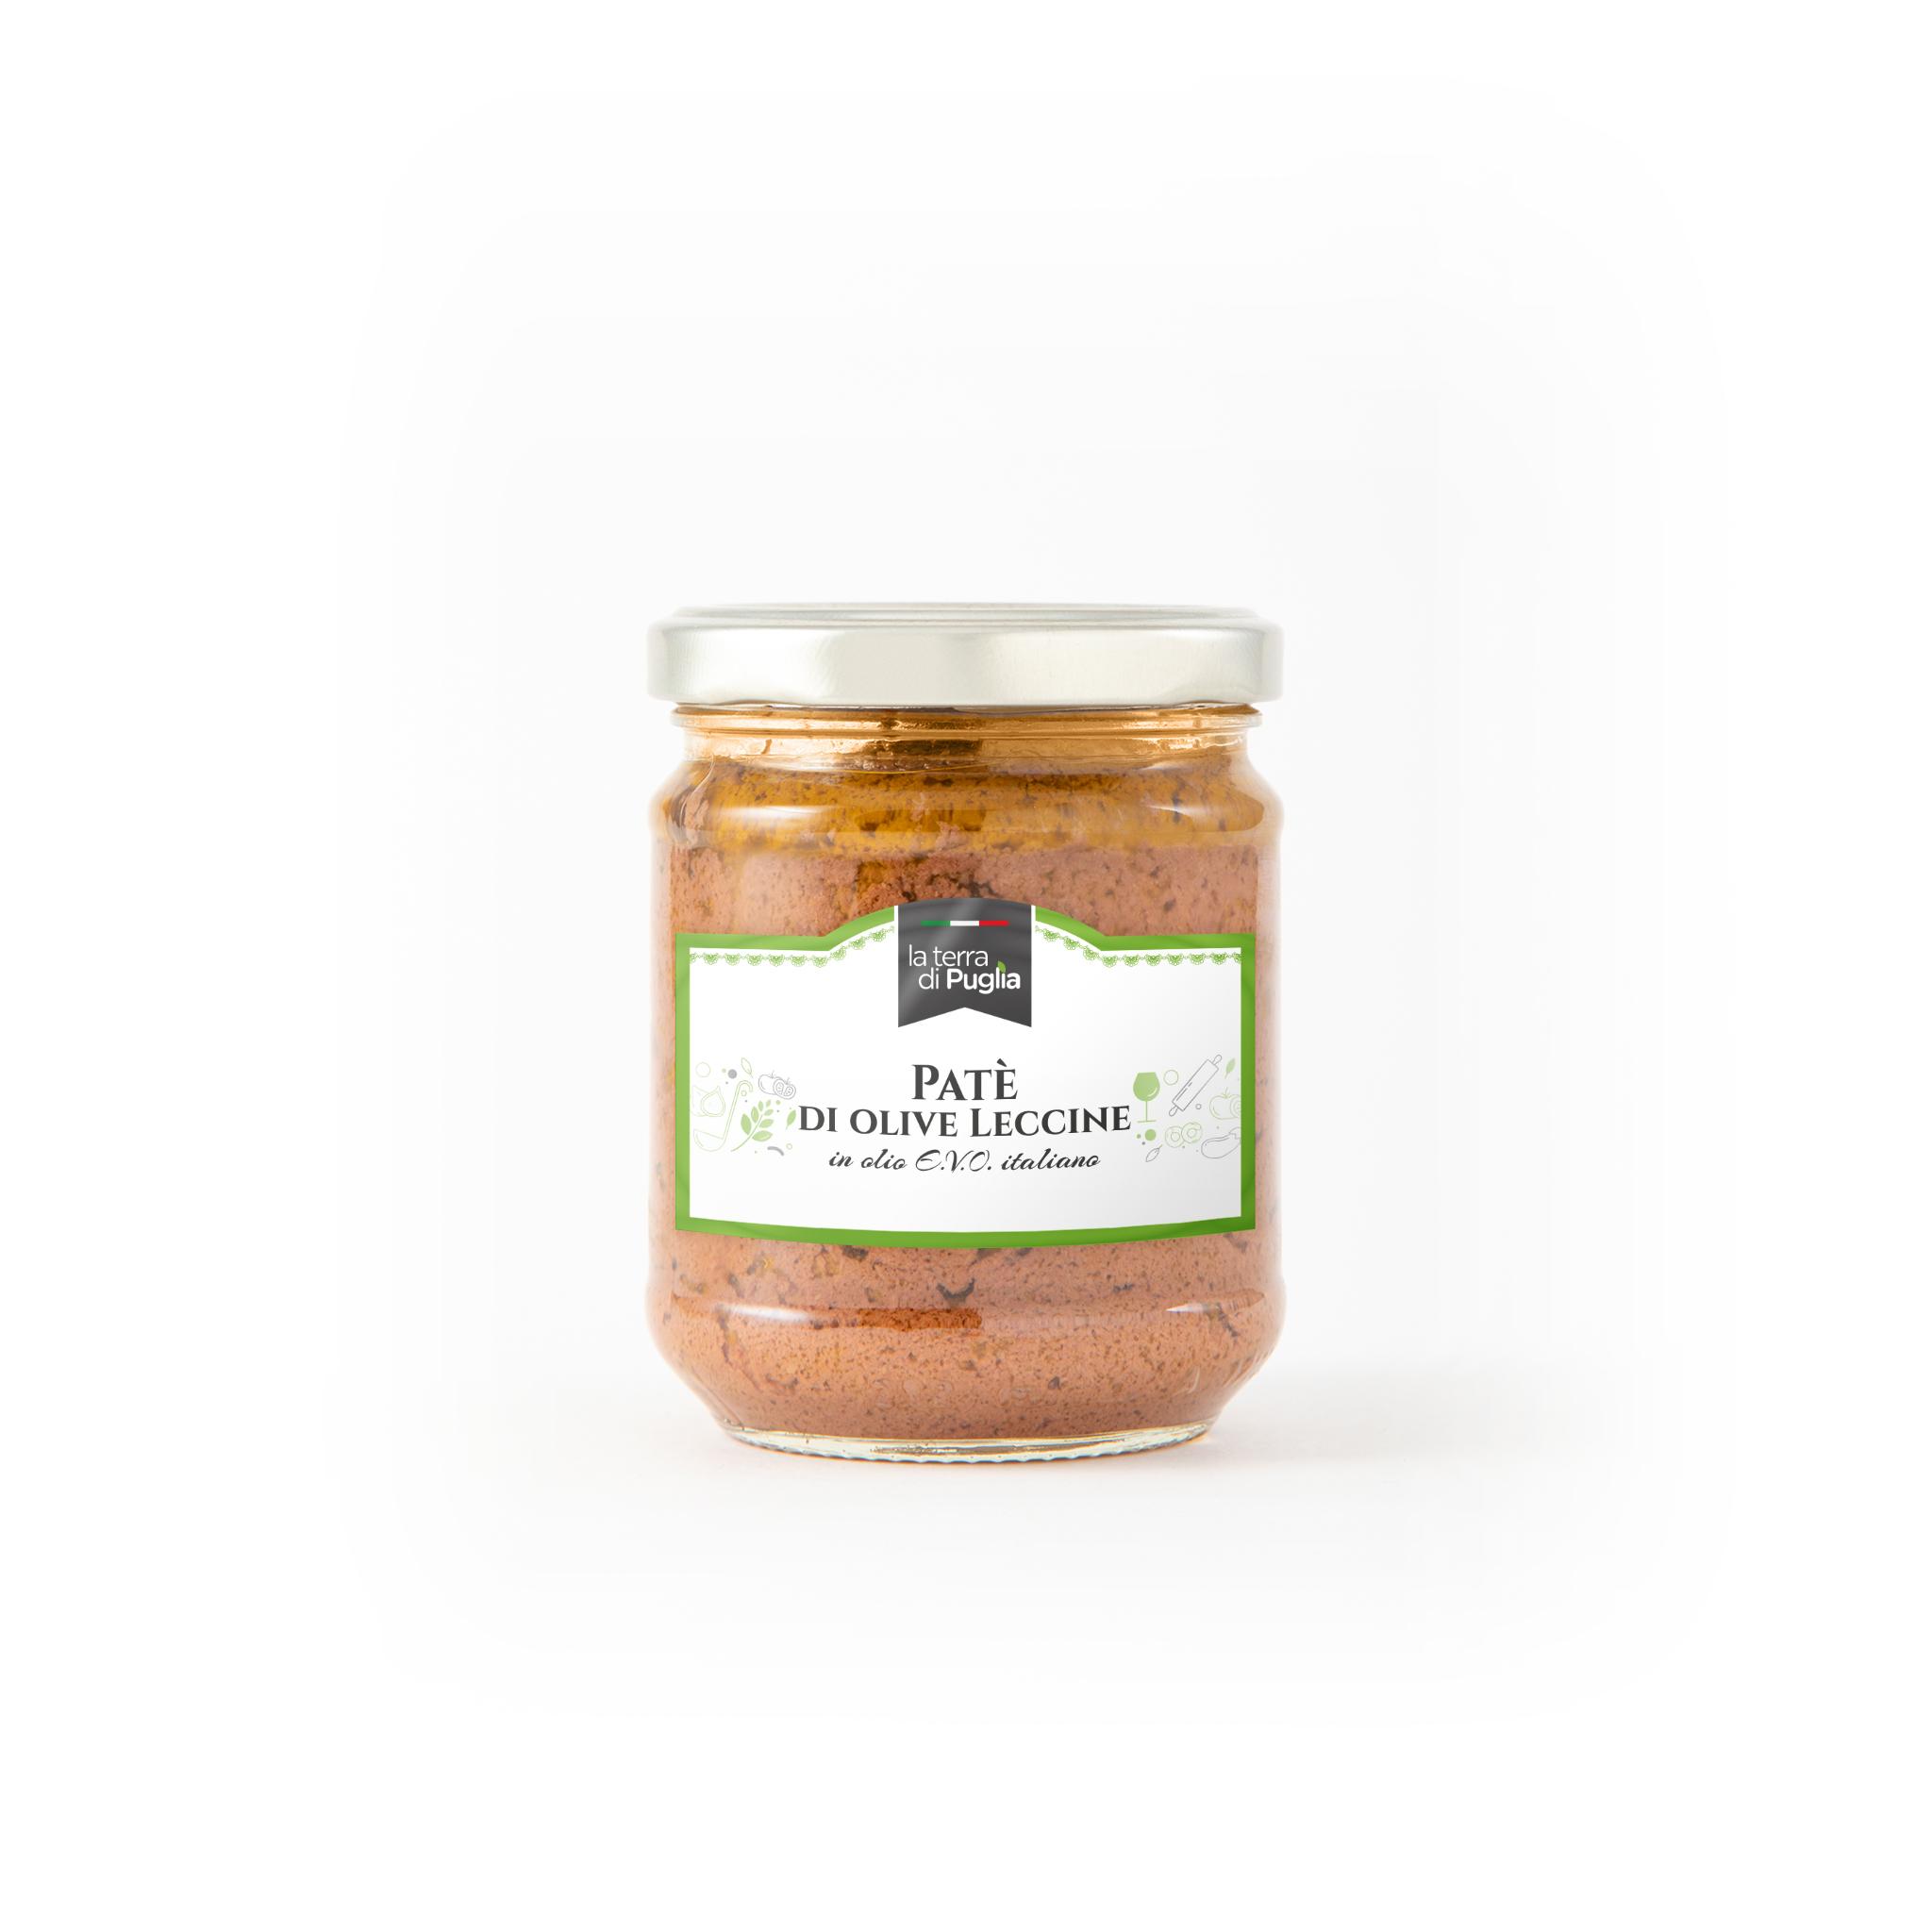 patè-di-olive-leccine